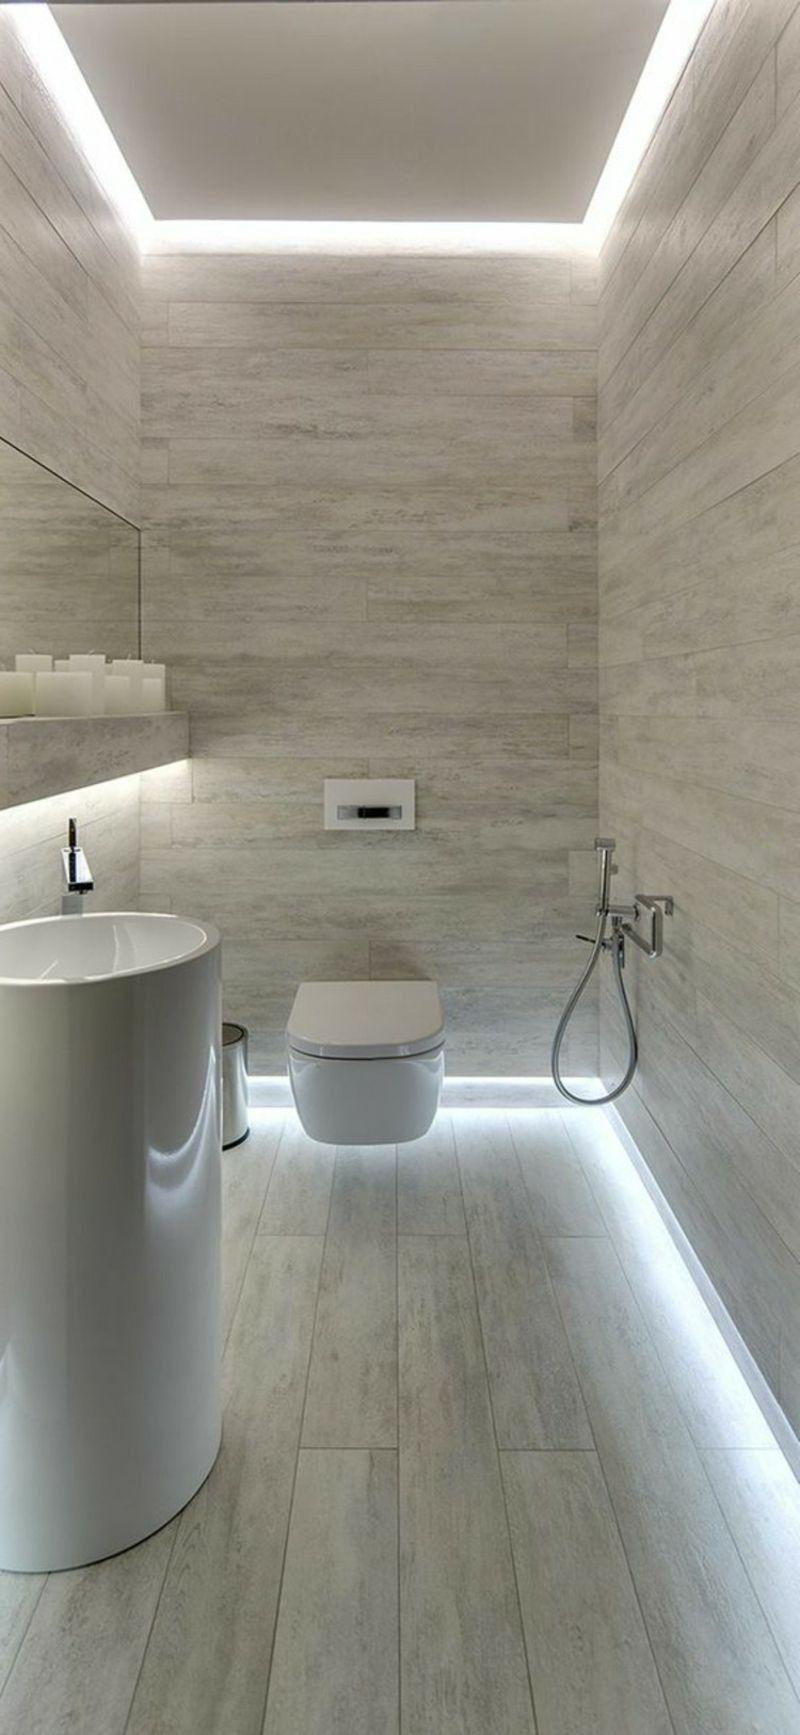 محمود الجاسم تعهدات وديكور 0096171170181 تعهدات عامة جفصين جبسن بورد جبسم بورد إنارة كهرباء Modern Bathroom Design Bathroom Ceiling Light Ceiling Light Design